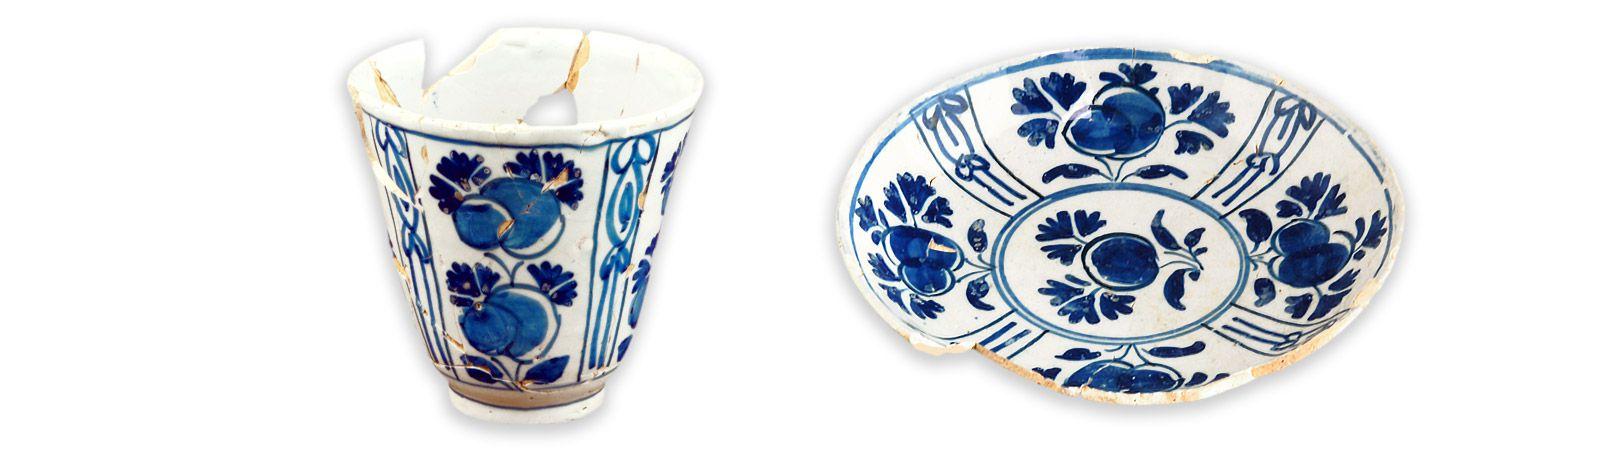 Gobelet et soucoupe MCC/LRAQ, photos: Marie-Annick PrévostLatrines de la maison Perthuis. Vers 1699-1750Faïence blanche, Delft, Hollande. Décor d'inspiration chinoise peint en camaïeu de bleu et représentant des fleurs stylisées disposées en compartiments.